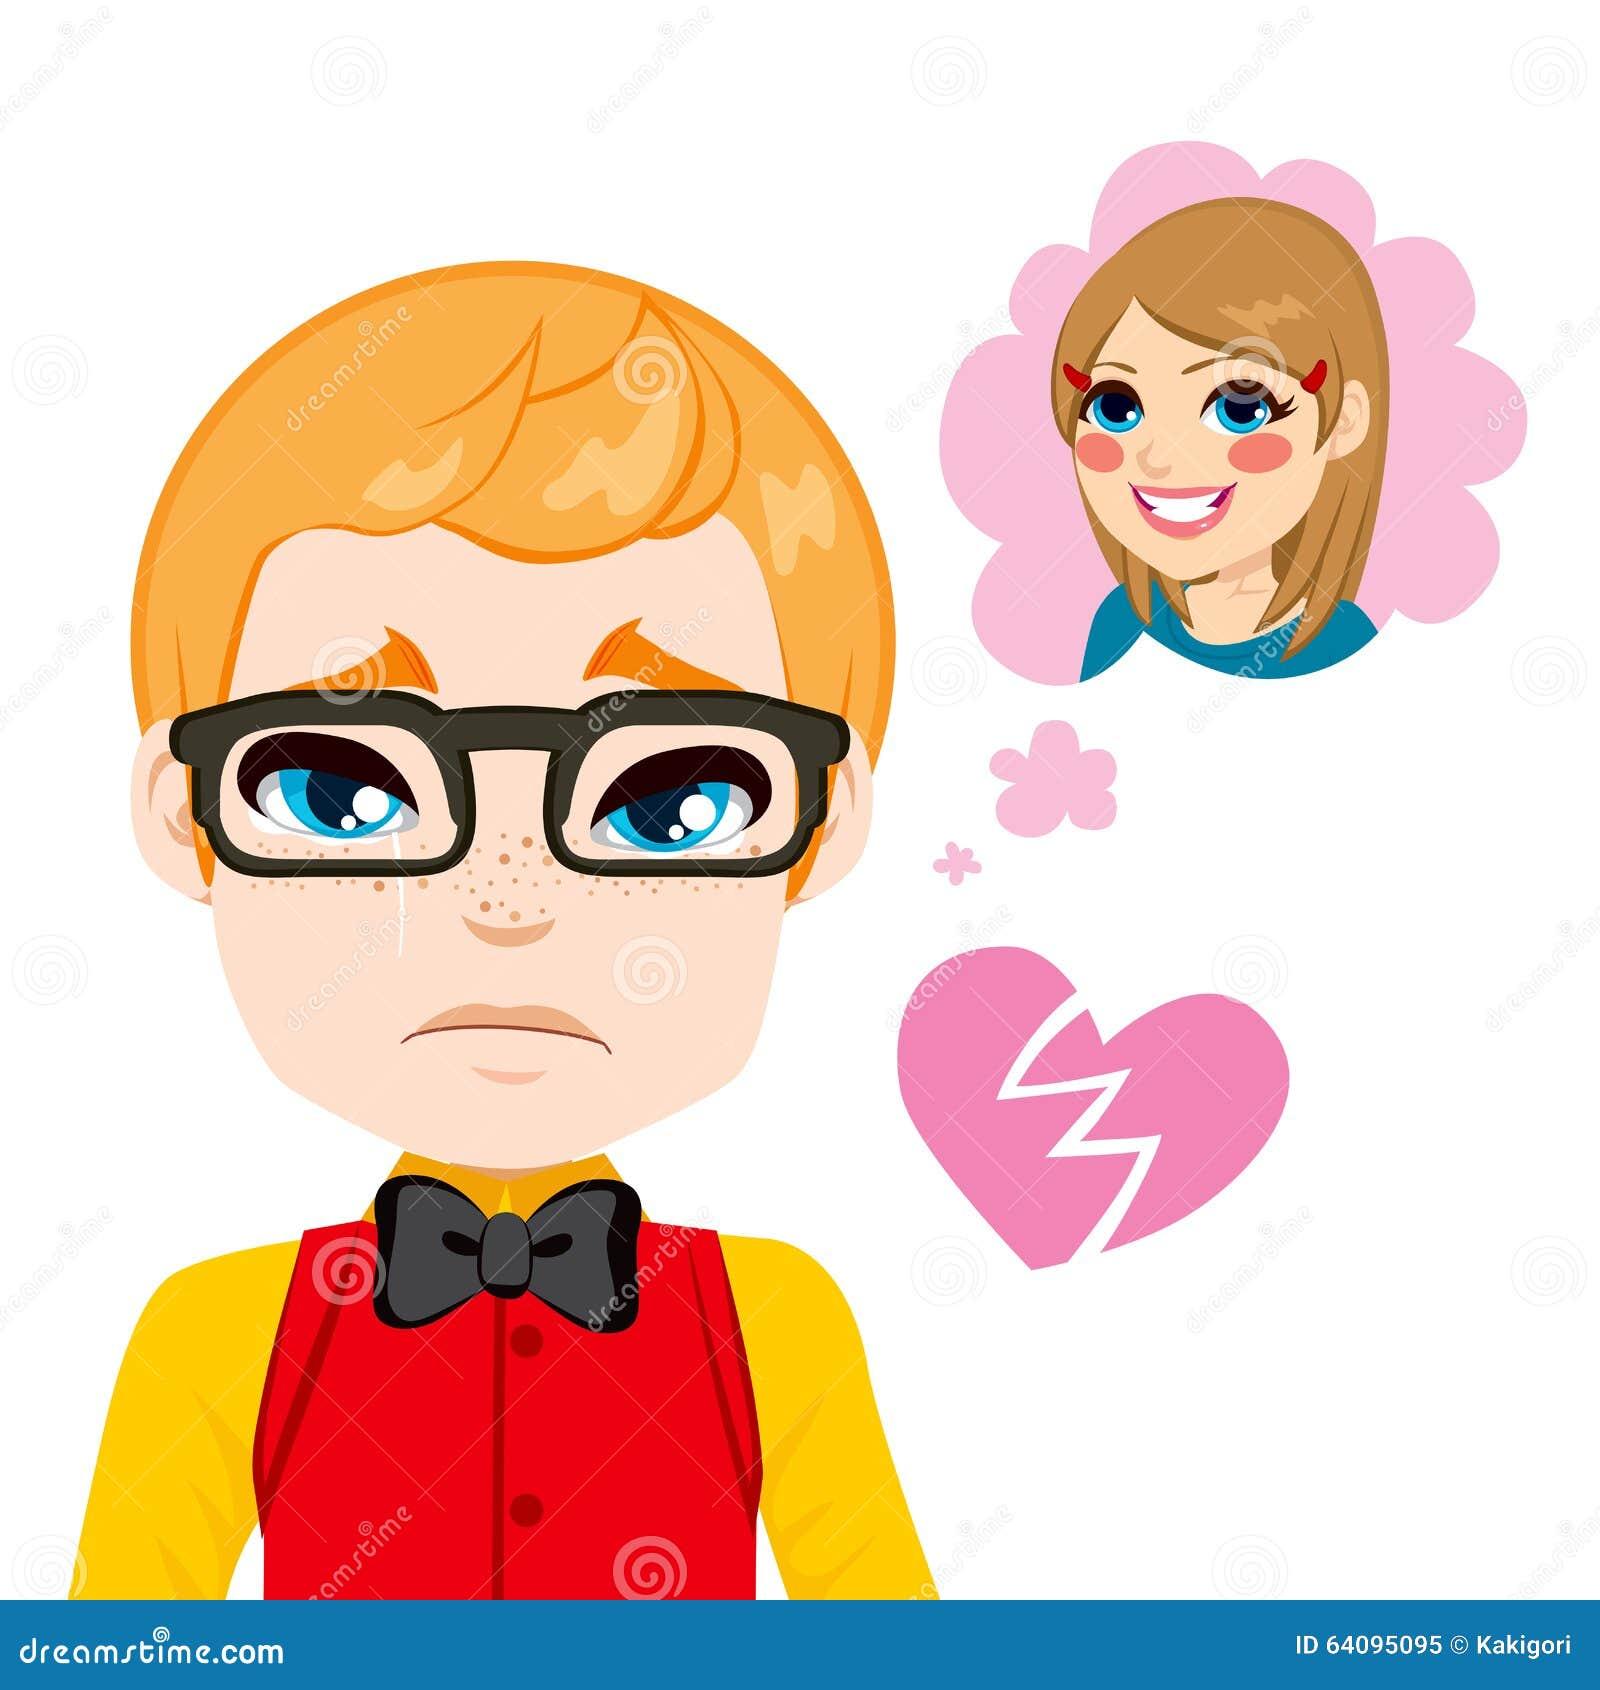 Boy Broken Heart Stock Vector Illustration Of Concept 64095095